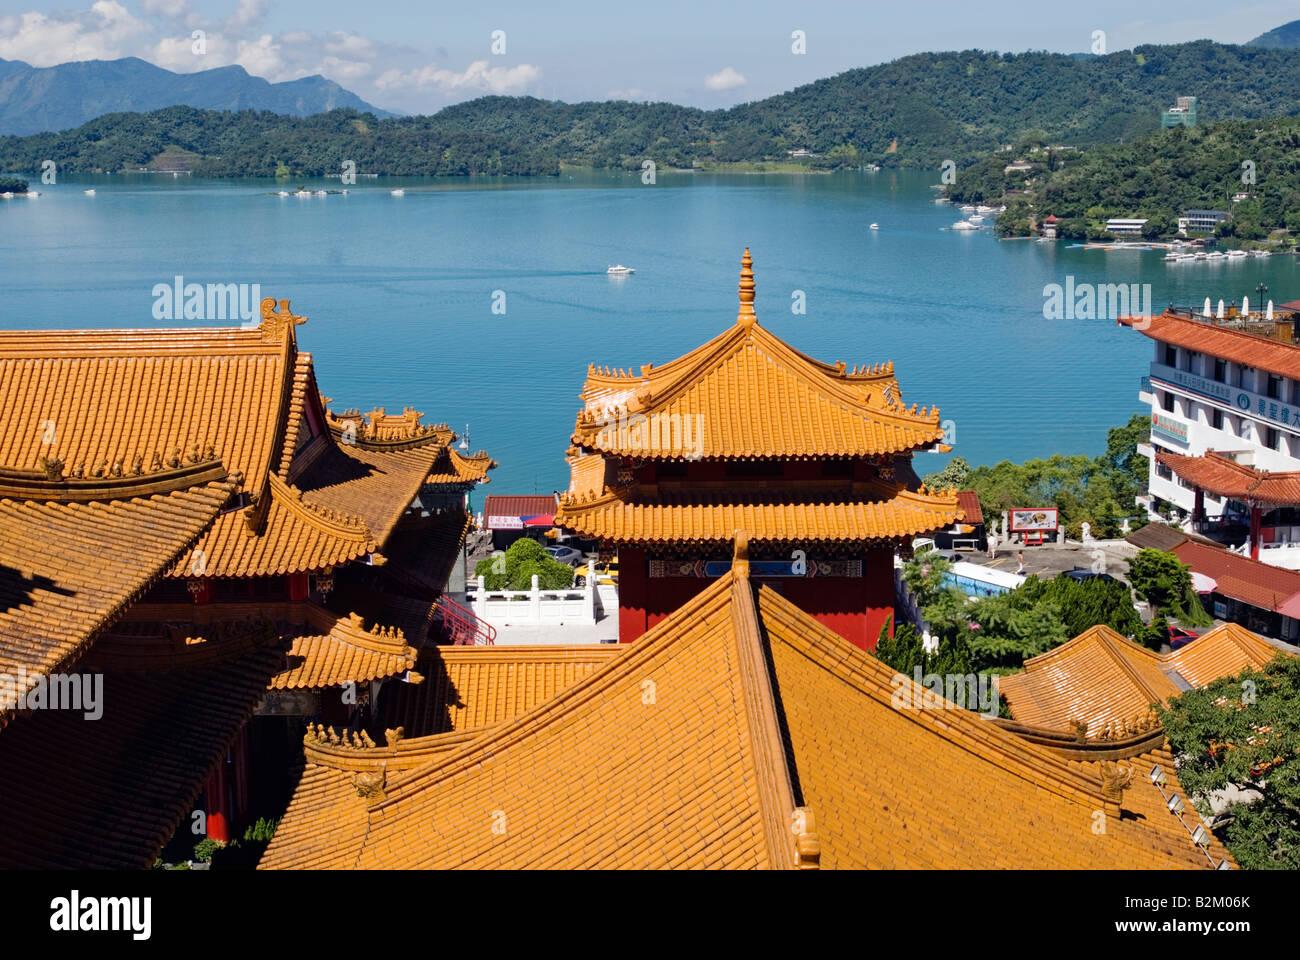 Taiwan, Wen Wu Temple, Sun Moon Lake - Stock Image